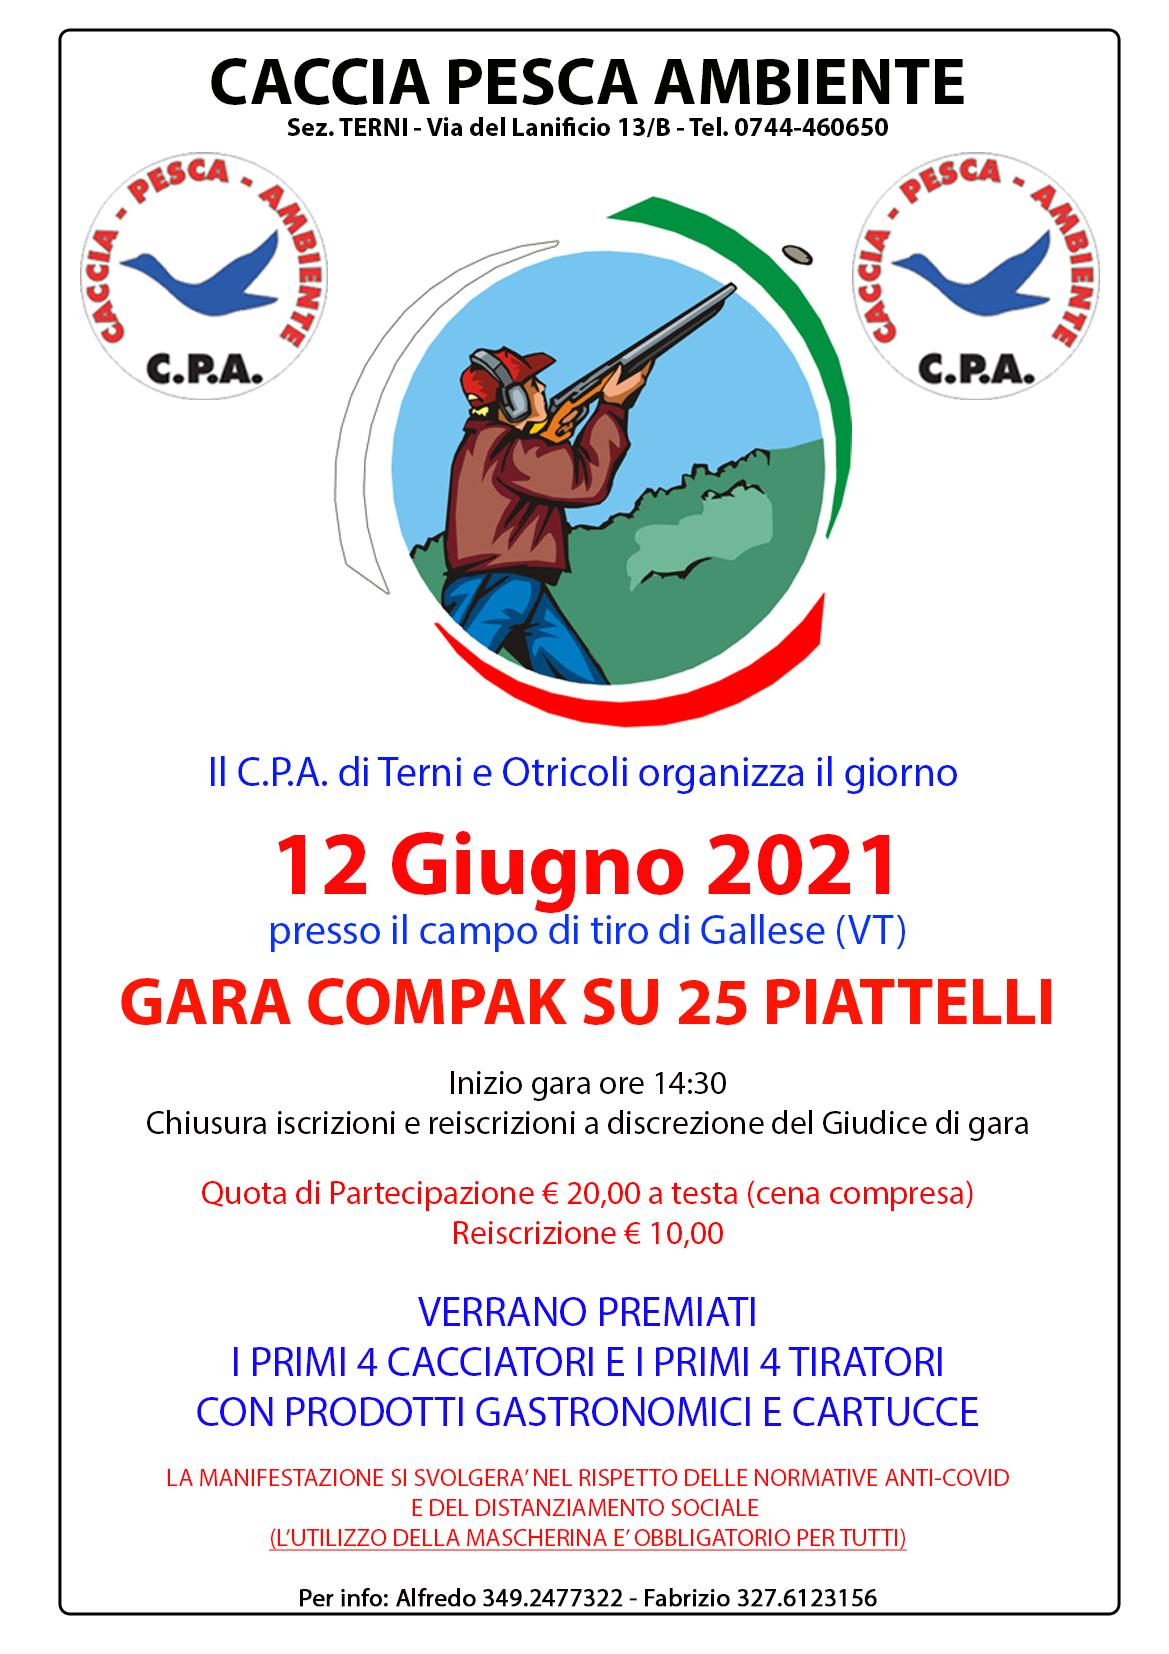 GARA COMPAK SU 25 PIATTELLI – 12 GIUGNO 2021 – CAMPO DI TIRO DI GALLESE (VT)